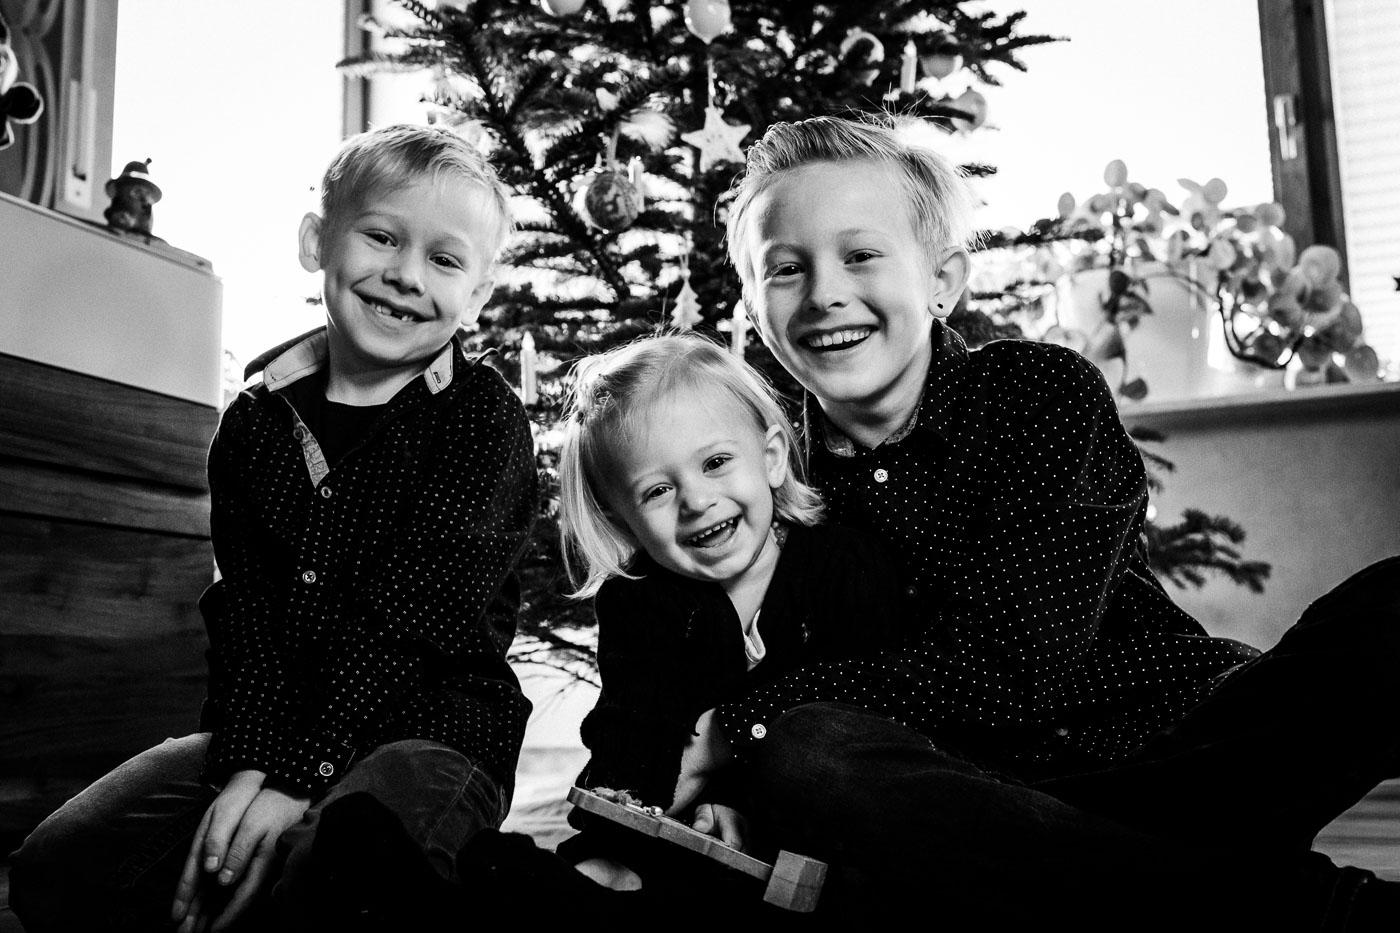 Familienbilder Weihnachten